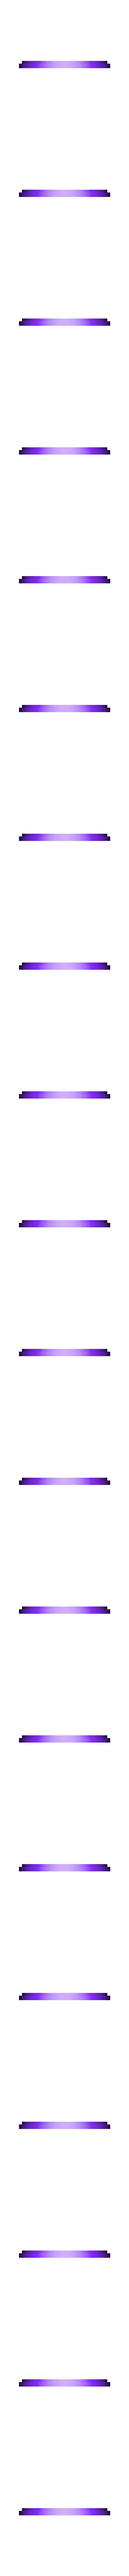 cover_base.stl Télécharger fichier STL gratuit Lampe de bureau Cactus v2 • Design à imprimer en 3D, BREMMALAN